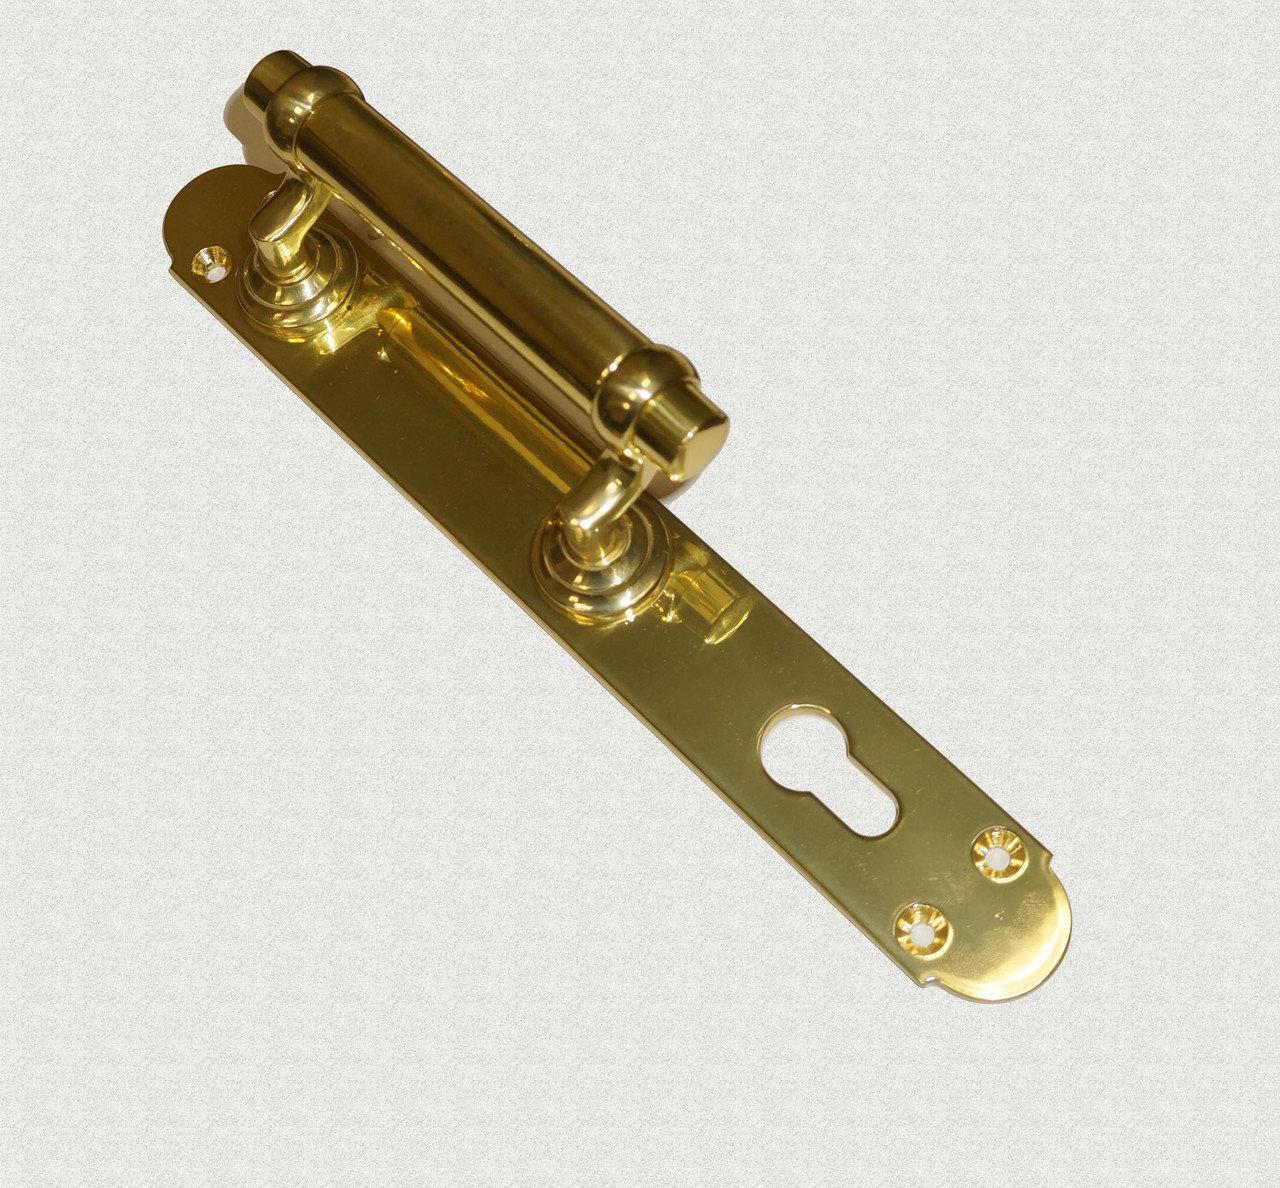 Дверная ручка Латунная малая с цилиндрической державкой, арт: 01-022